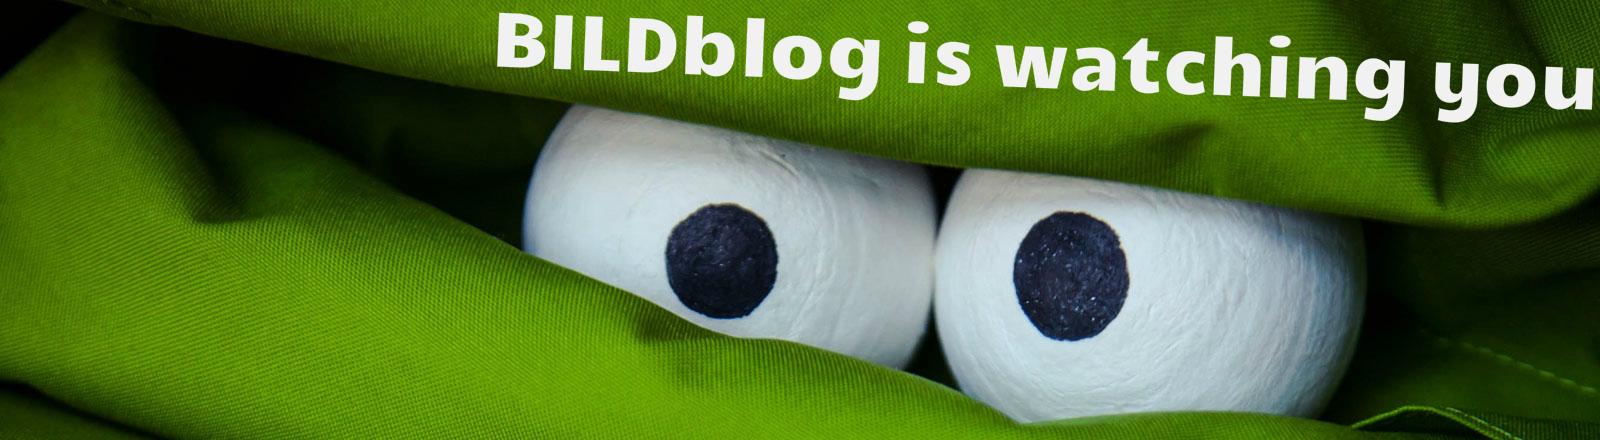 Zwei Augen, darüber steht: Bildblog is watching you